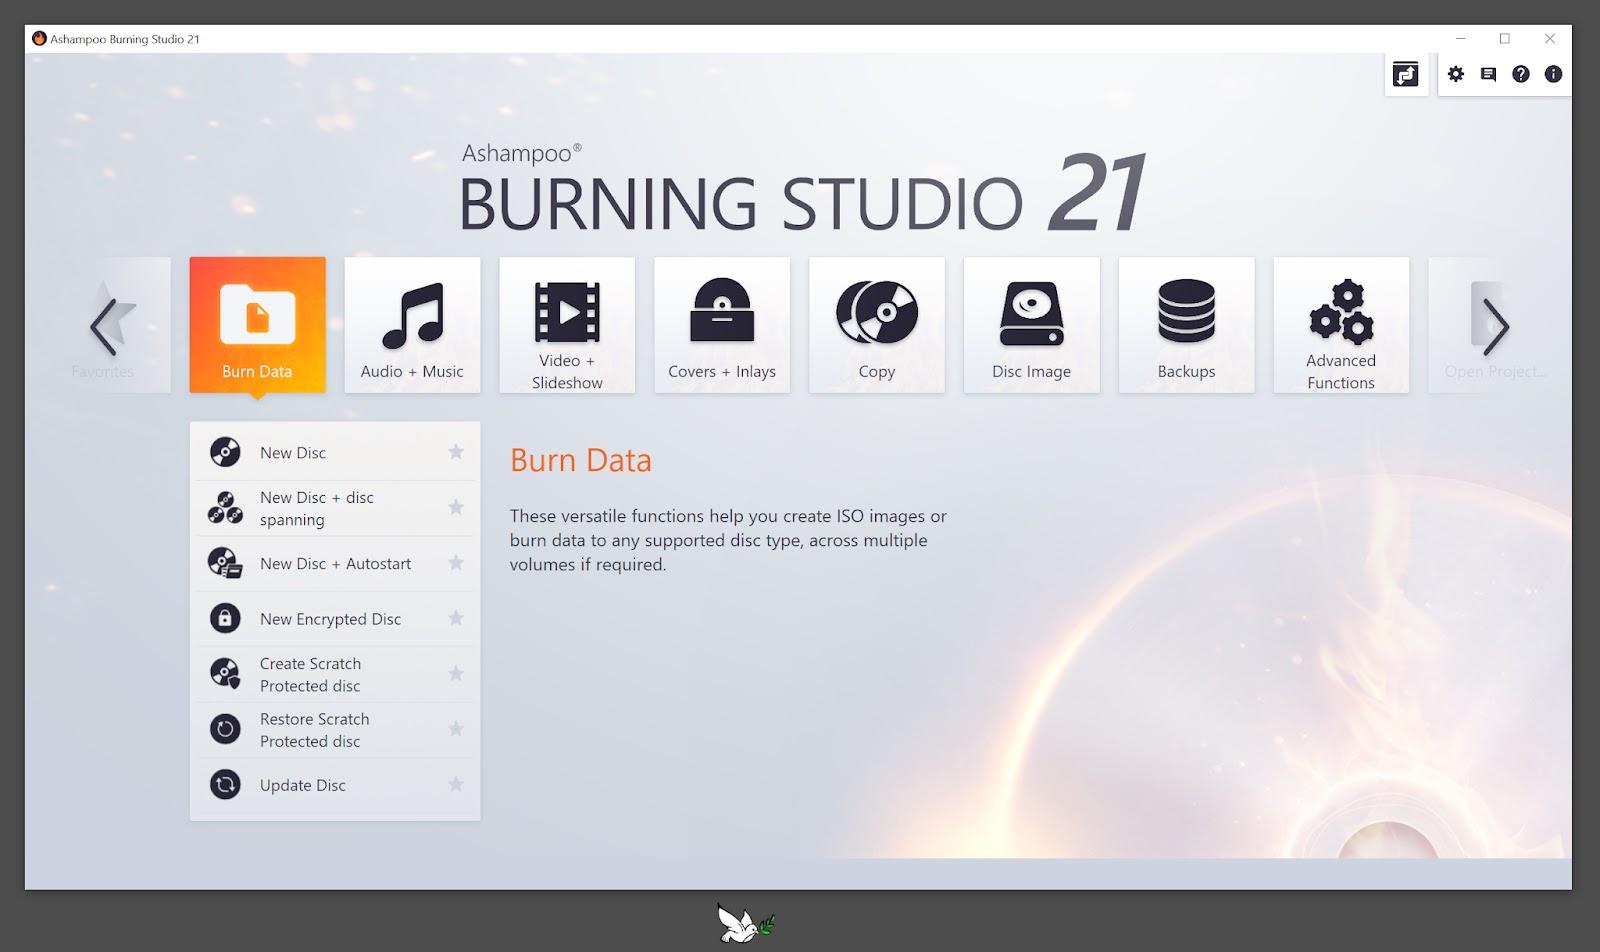 تحميل برنامج Ashampoo Burning Studio 21.6.0.60